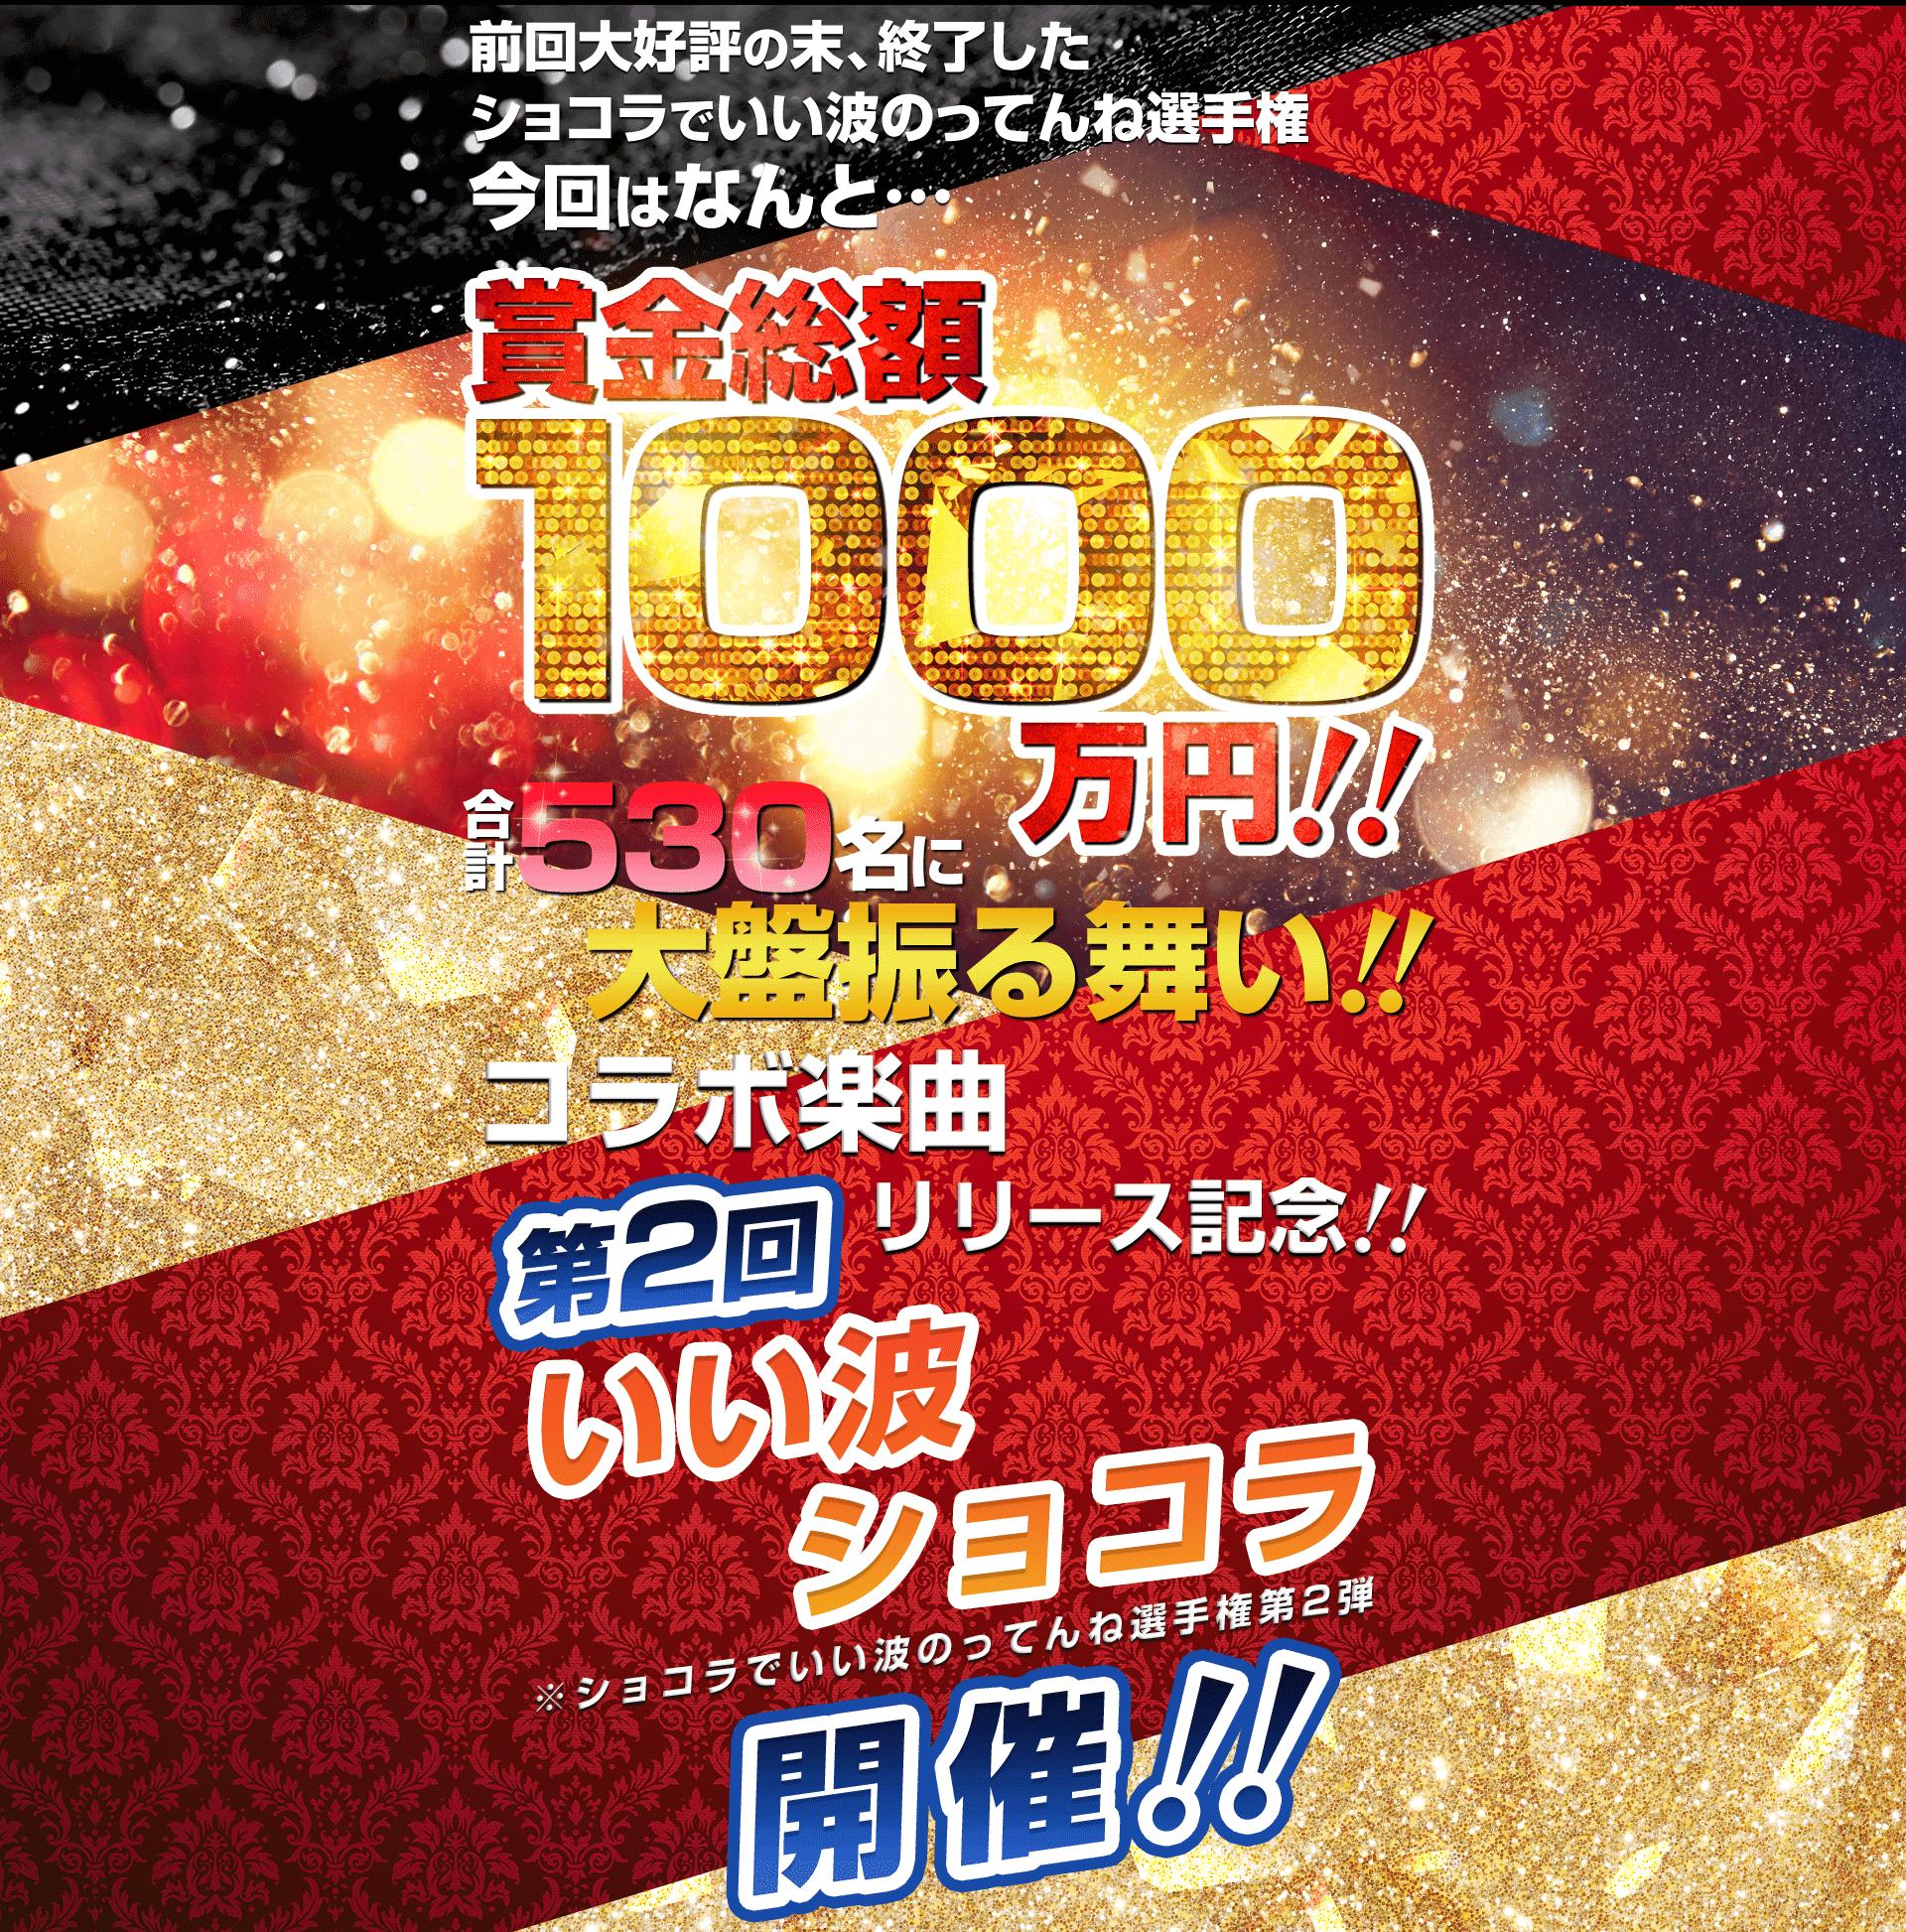 前回、大好評の末に終了したキャンペーンがパワーアップして第2回の開催が決定!『いい波ショコラ』今回はなんと合計530名に賞金総額1000万円の大判振る舞い!